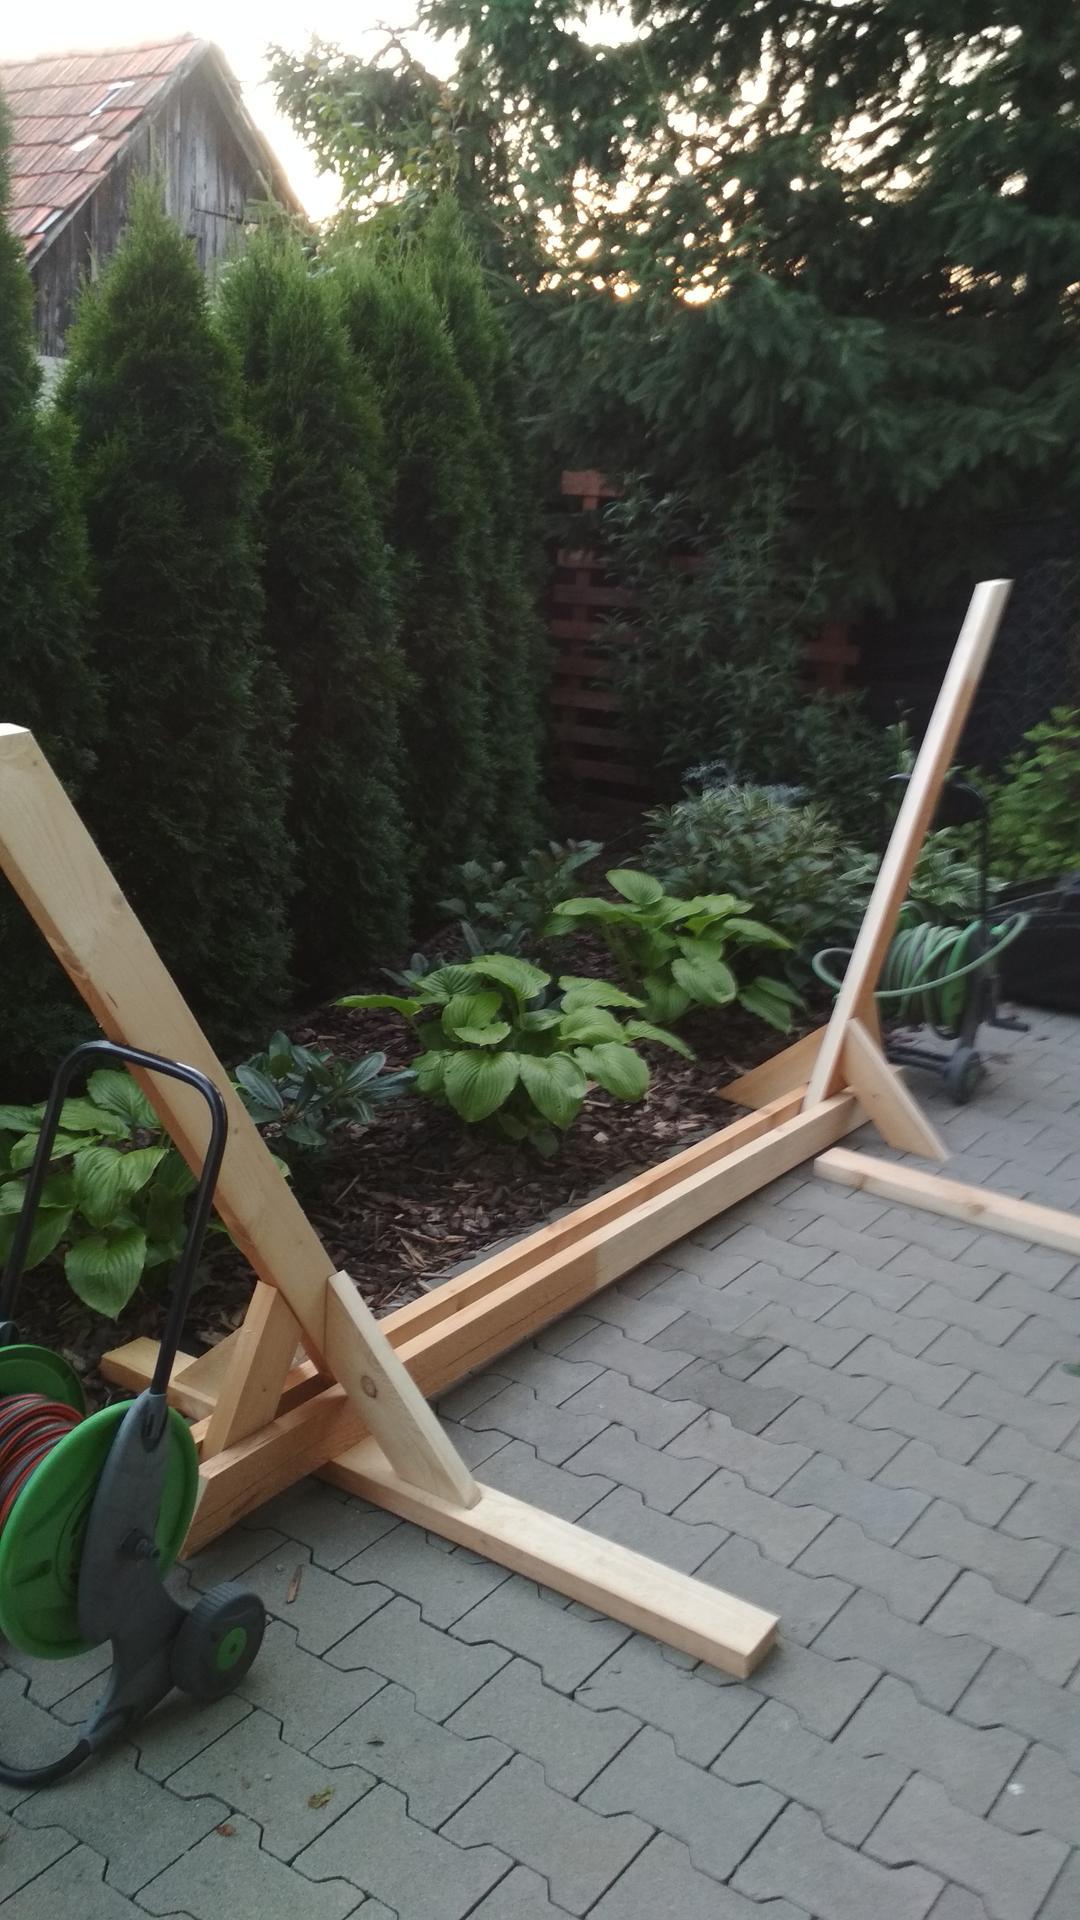 Drevený stojan na hojdaciu sieť... relax v záhrade - Obrázok č. 11